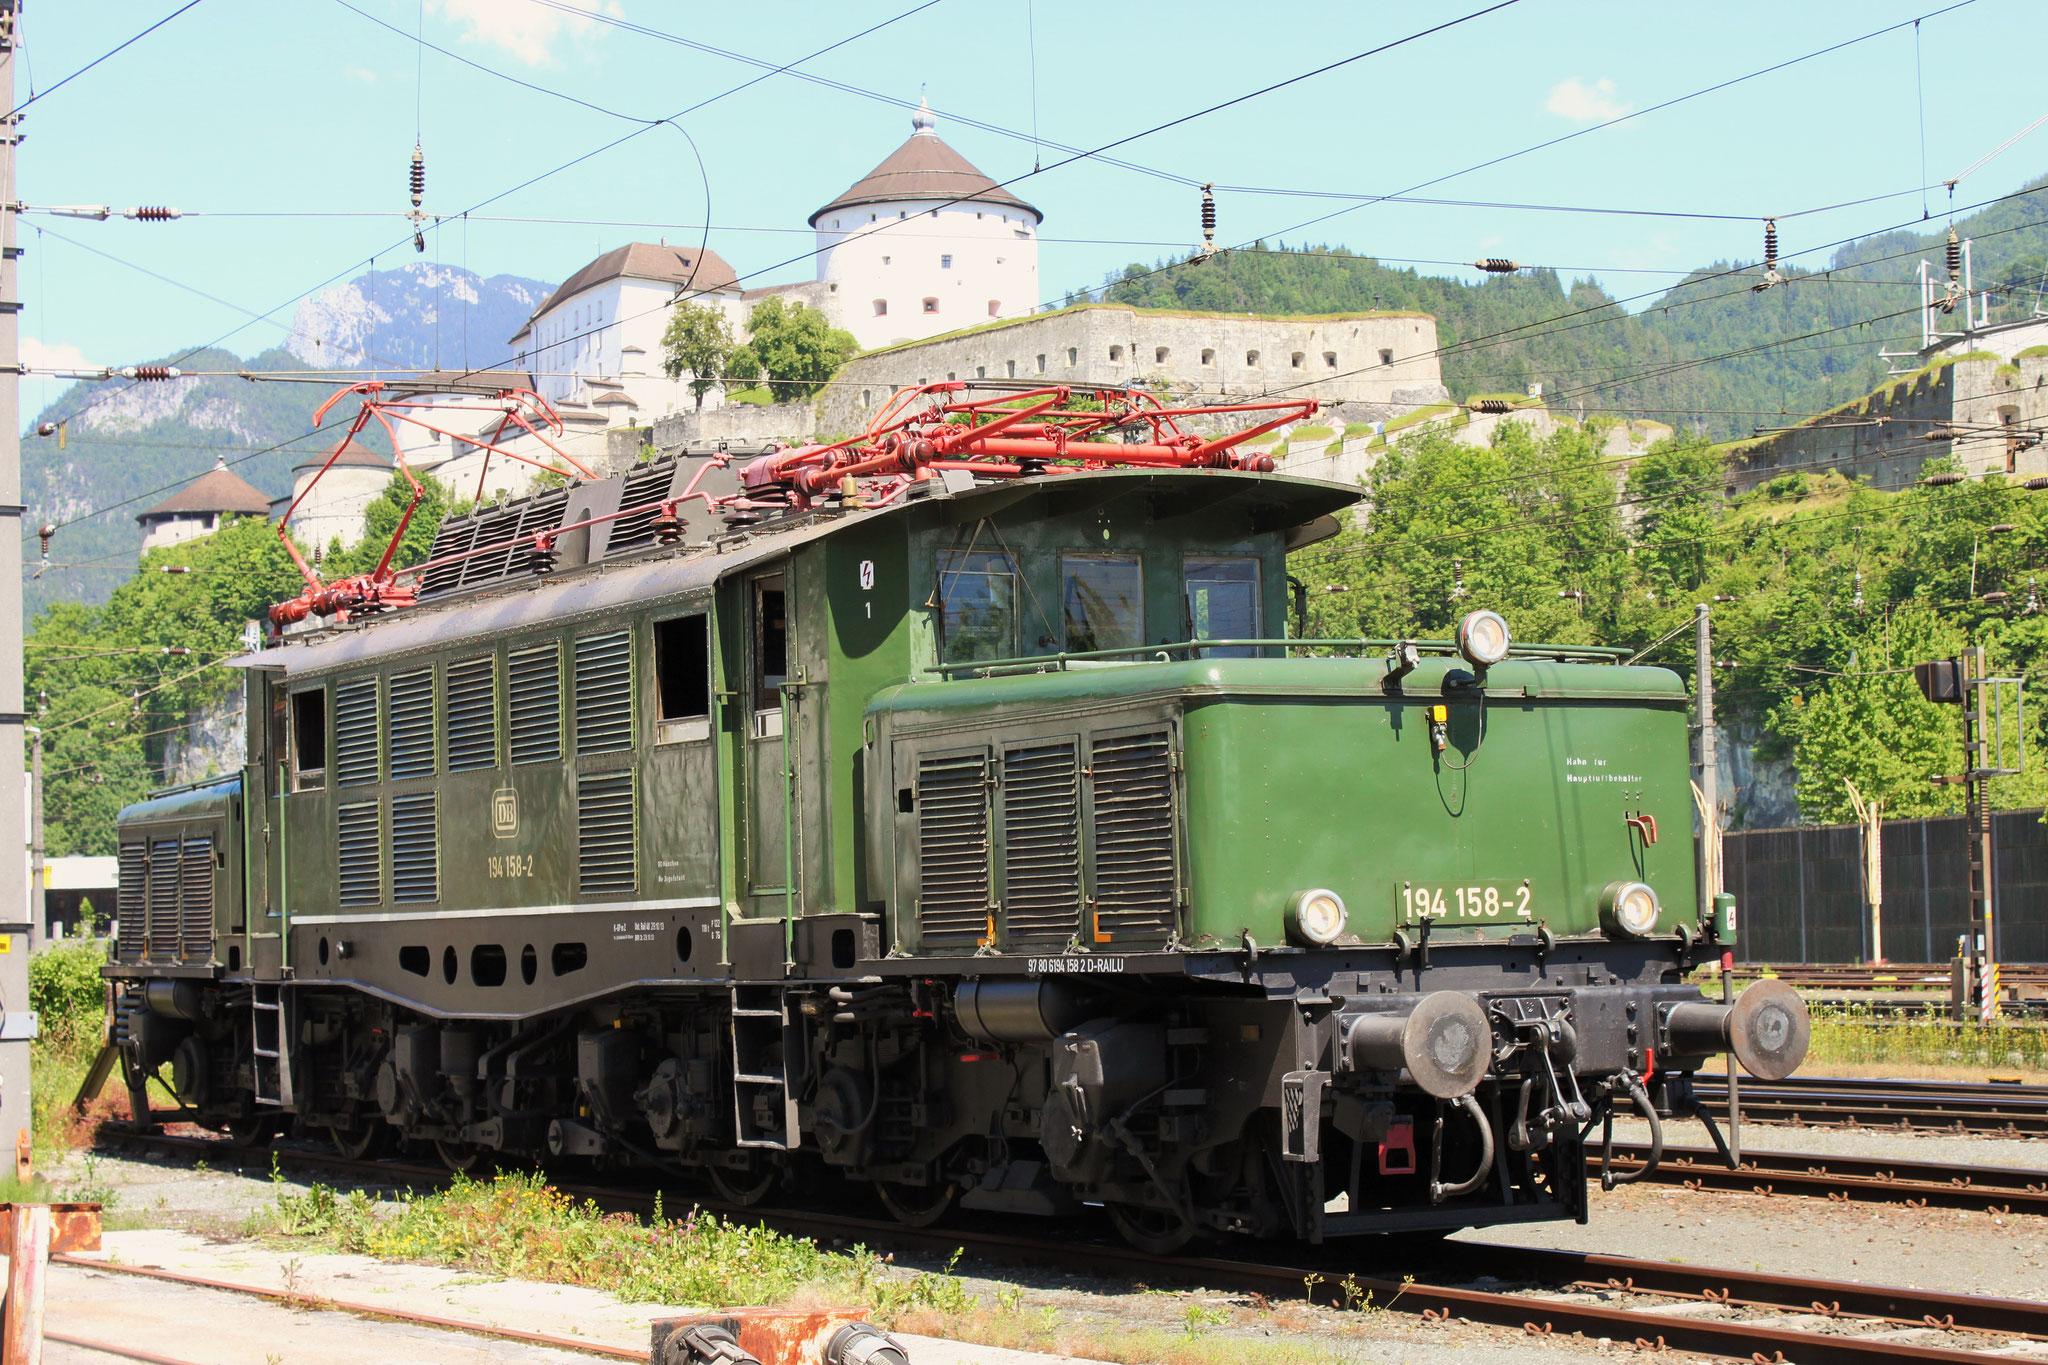 Unterwegs auf Gleisen der ÖBB: 194 158-2 vor der Festung Kufstein